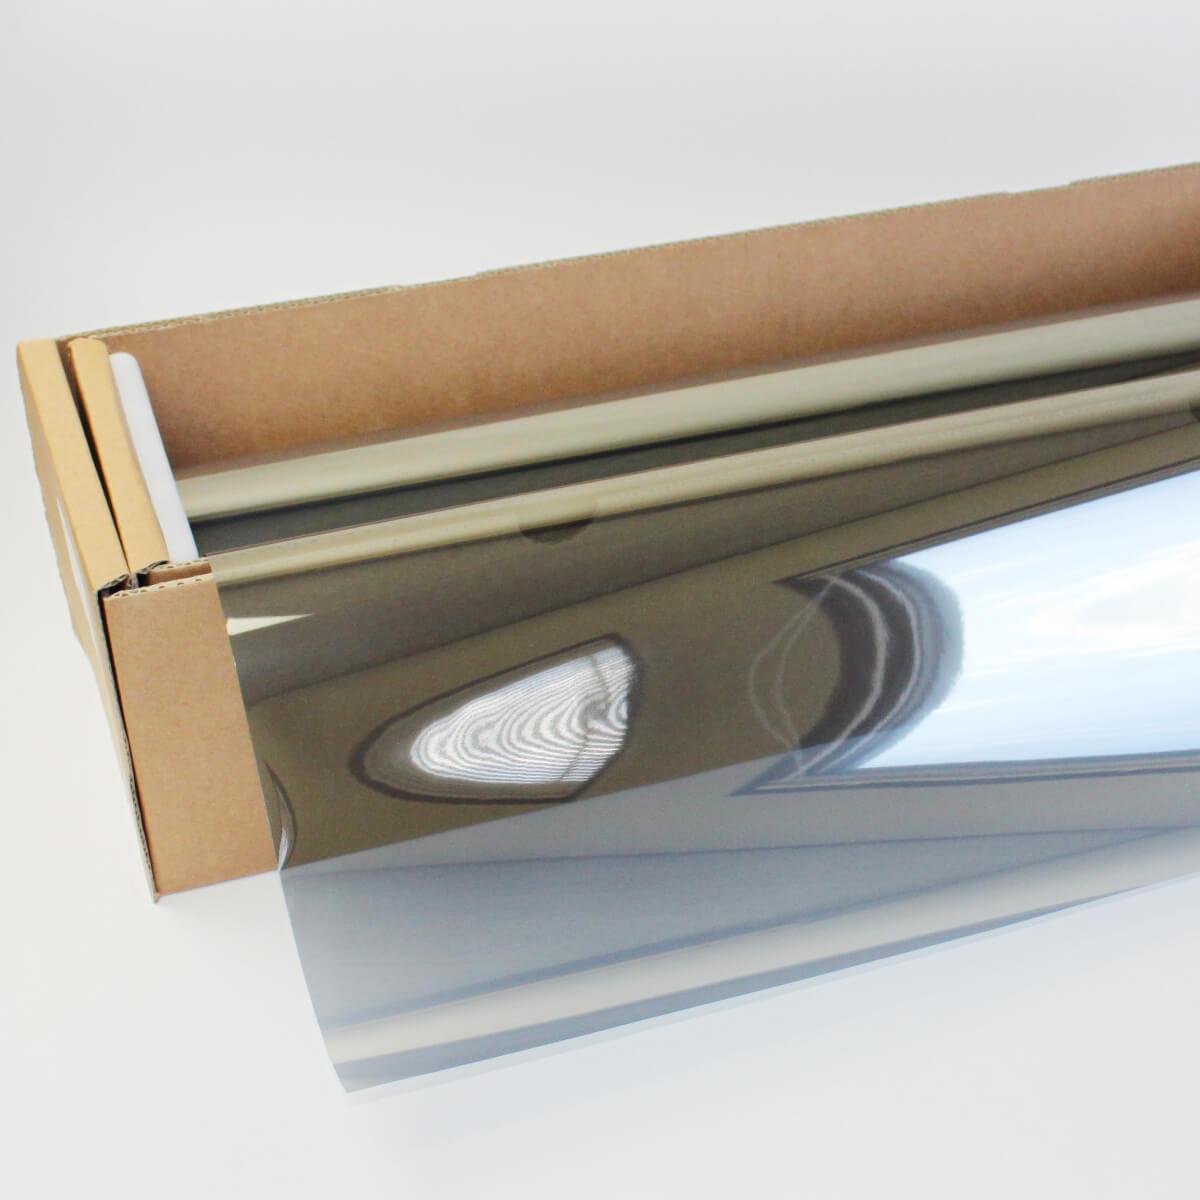 ウィンドウフィルム 窓ガラスフィルムスパッタシルバー35 1m幅×30mロール箱売 マジックミラーフィルム 遮熱フィルム 断熱フィルム UVカットフィルム ブレインテック Braintec